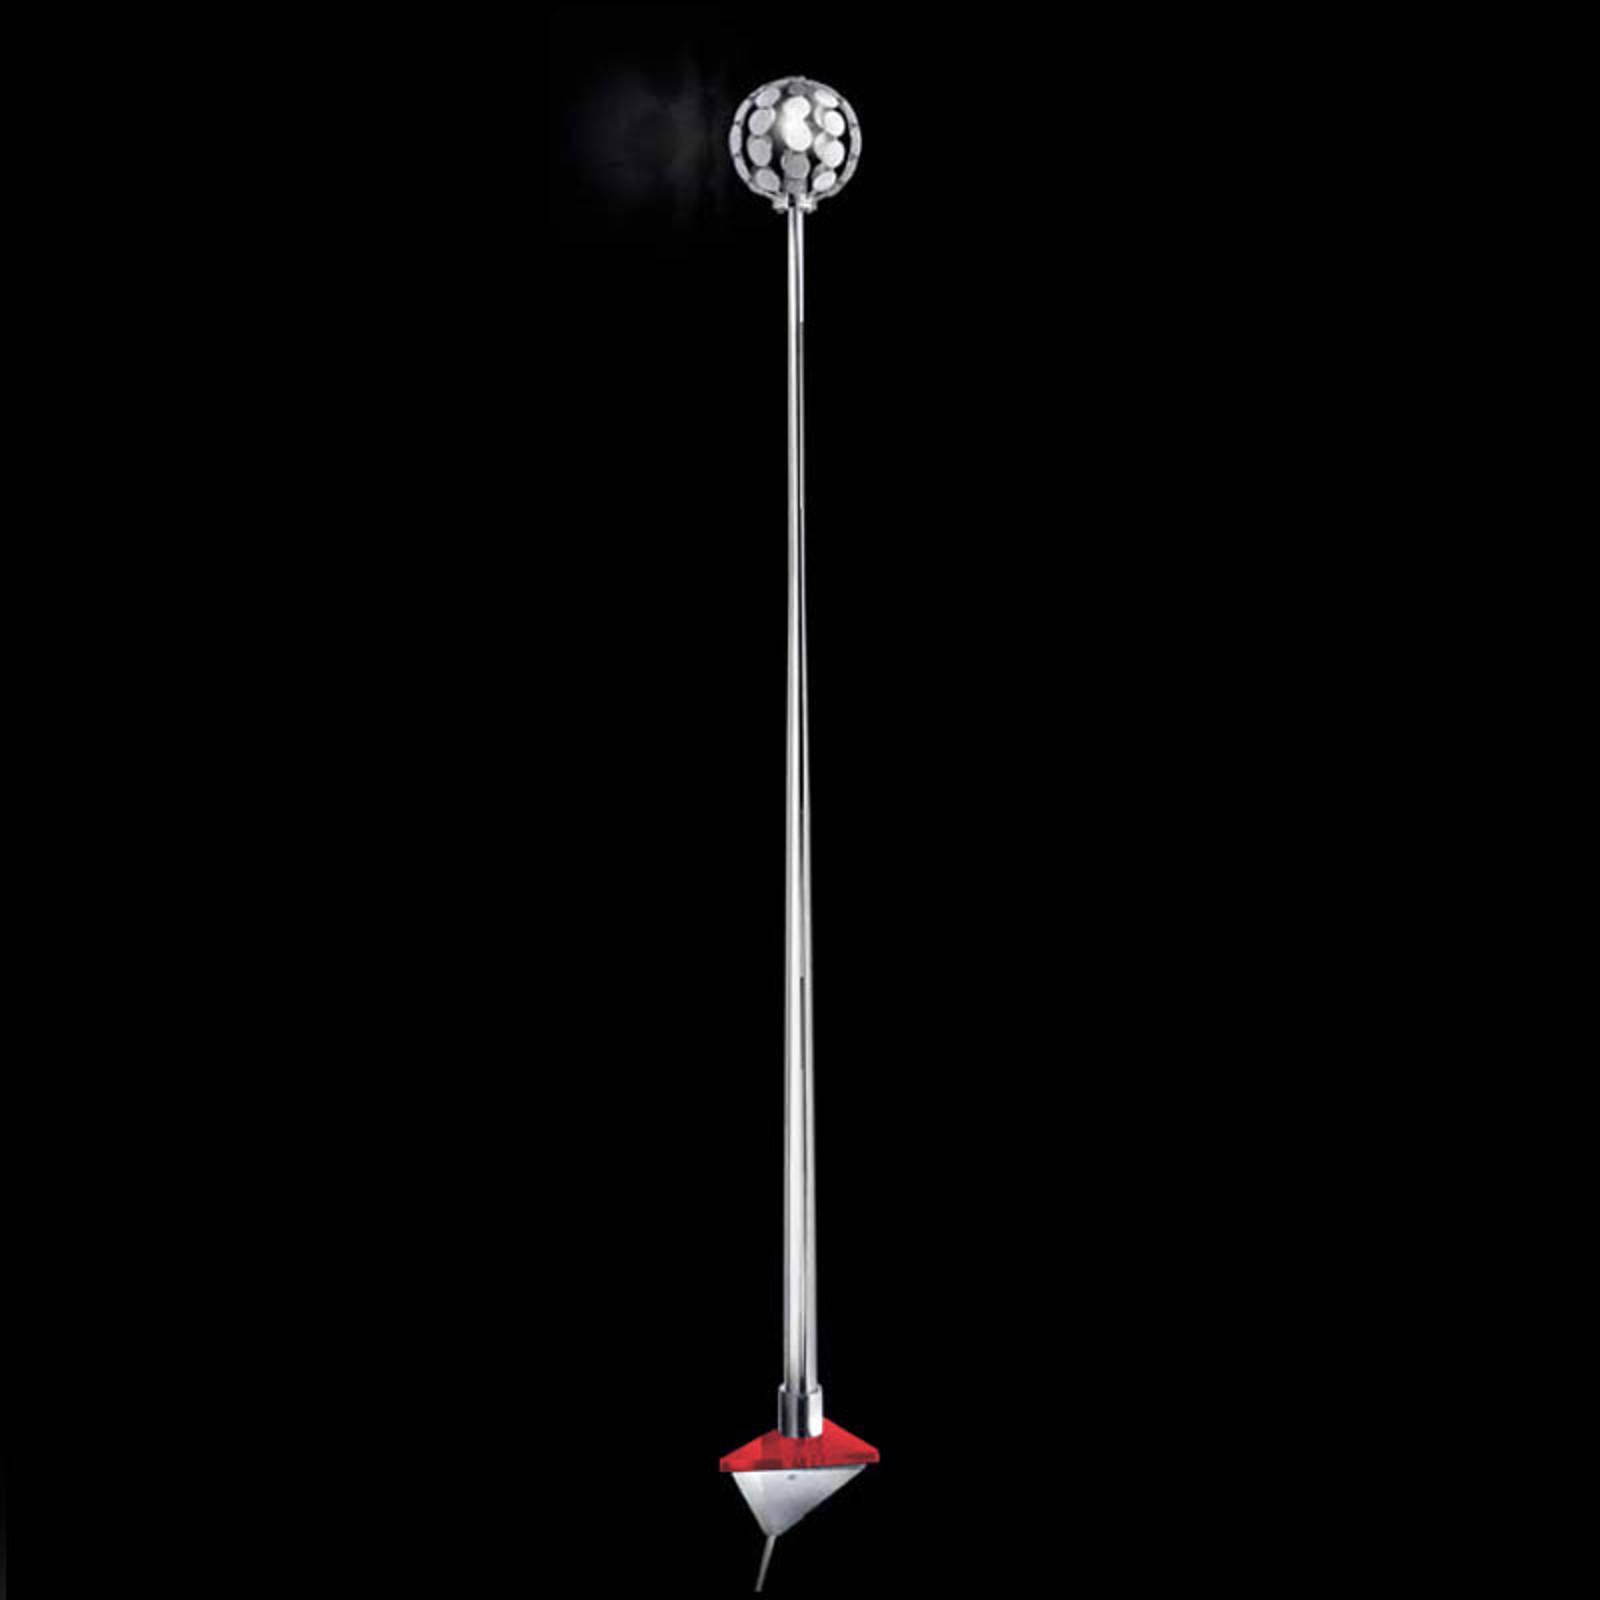 Wandleuchte Sfera, Halterung rot, 151 cm